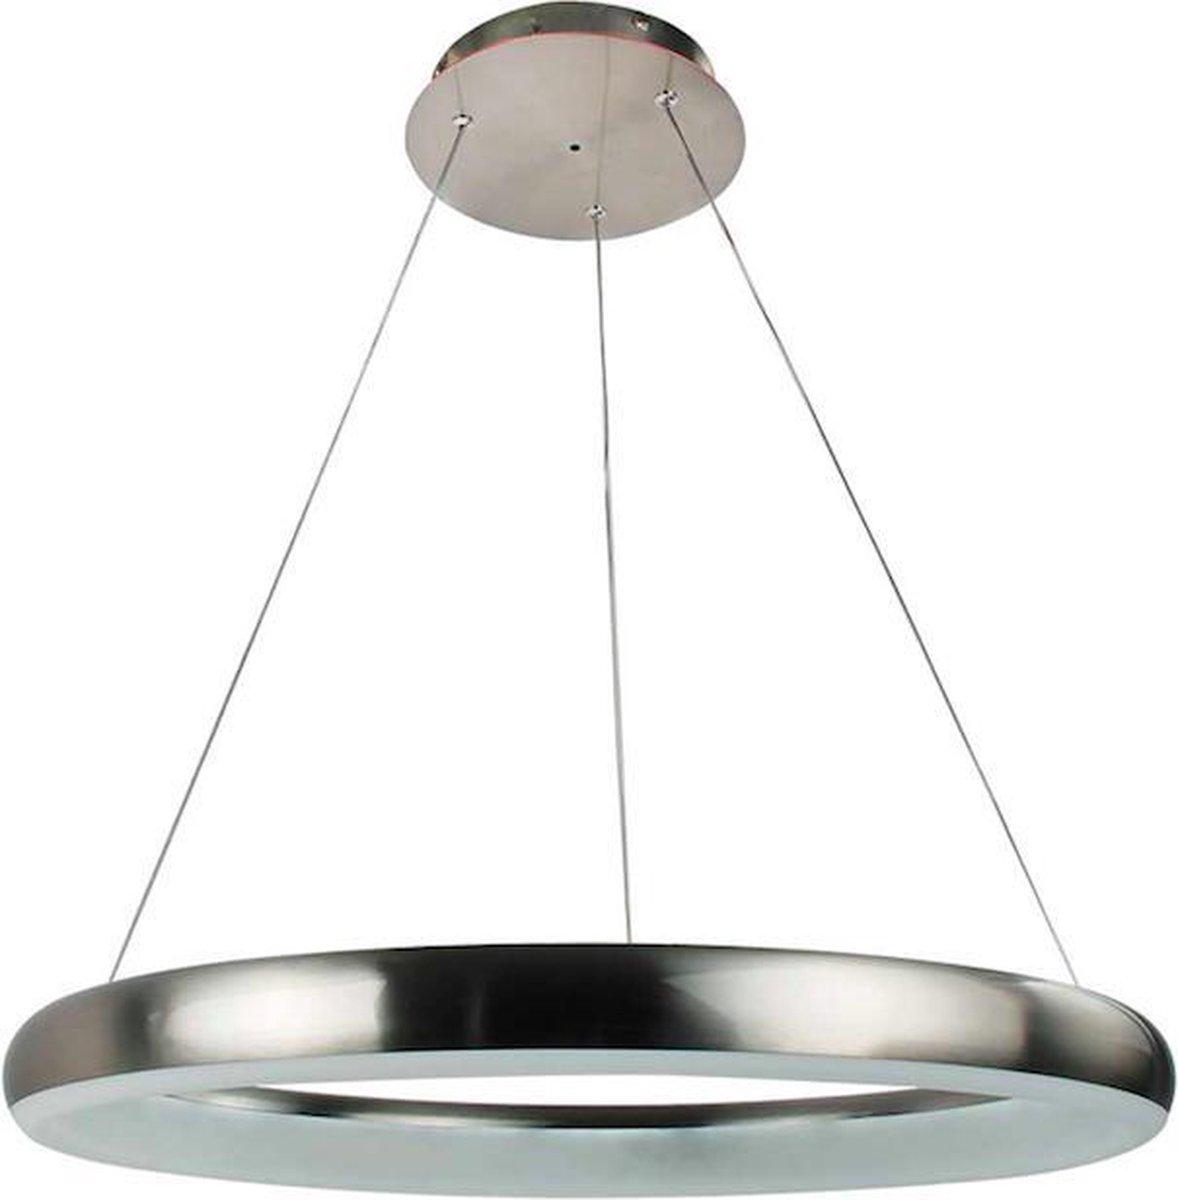 Hoogwaardige Nikkel Mat Design Led Hanglamp 33W | Smart Technologie | Unieke Wifi en Stembediening | Programmeerbaar | Premium ontwerp door Wofi |